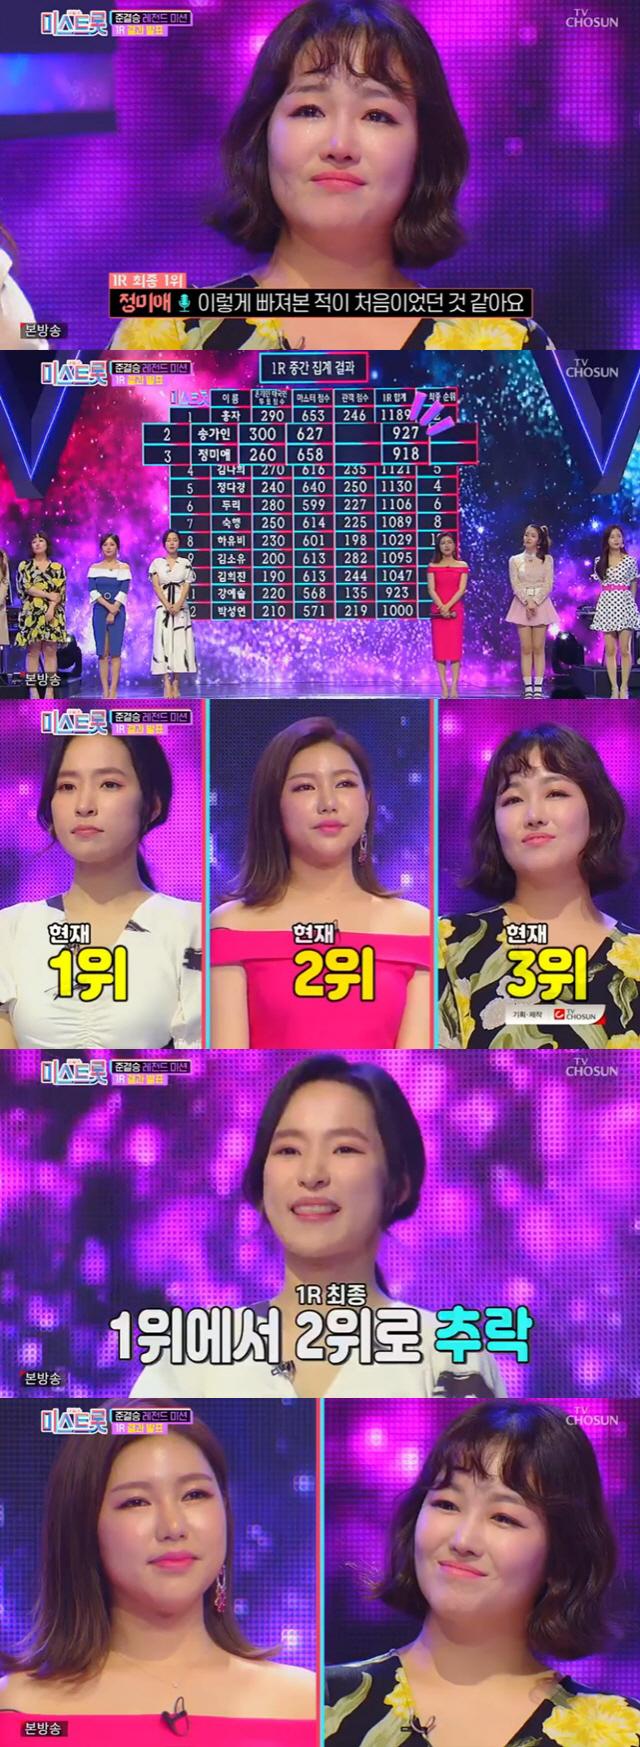 '미스트롯' 정미애, 준결승전 1R 최종 1위…2위 홍자·3위 송가인